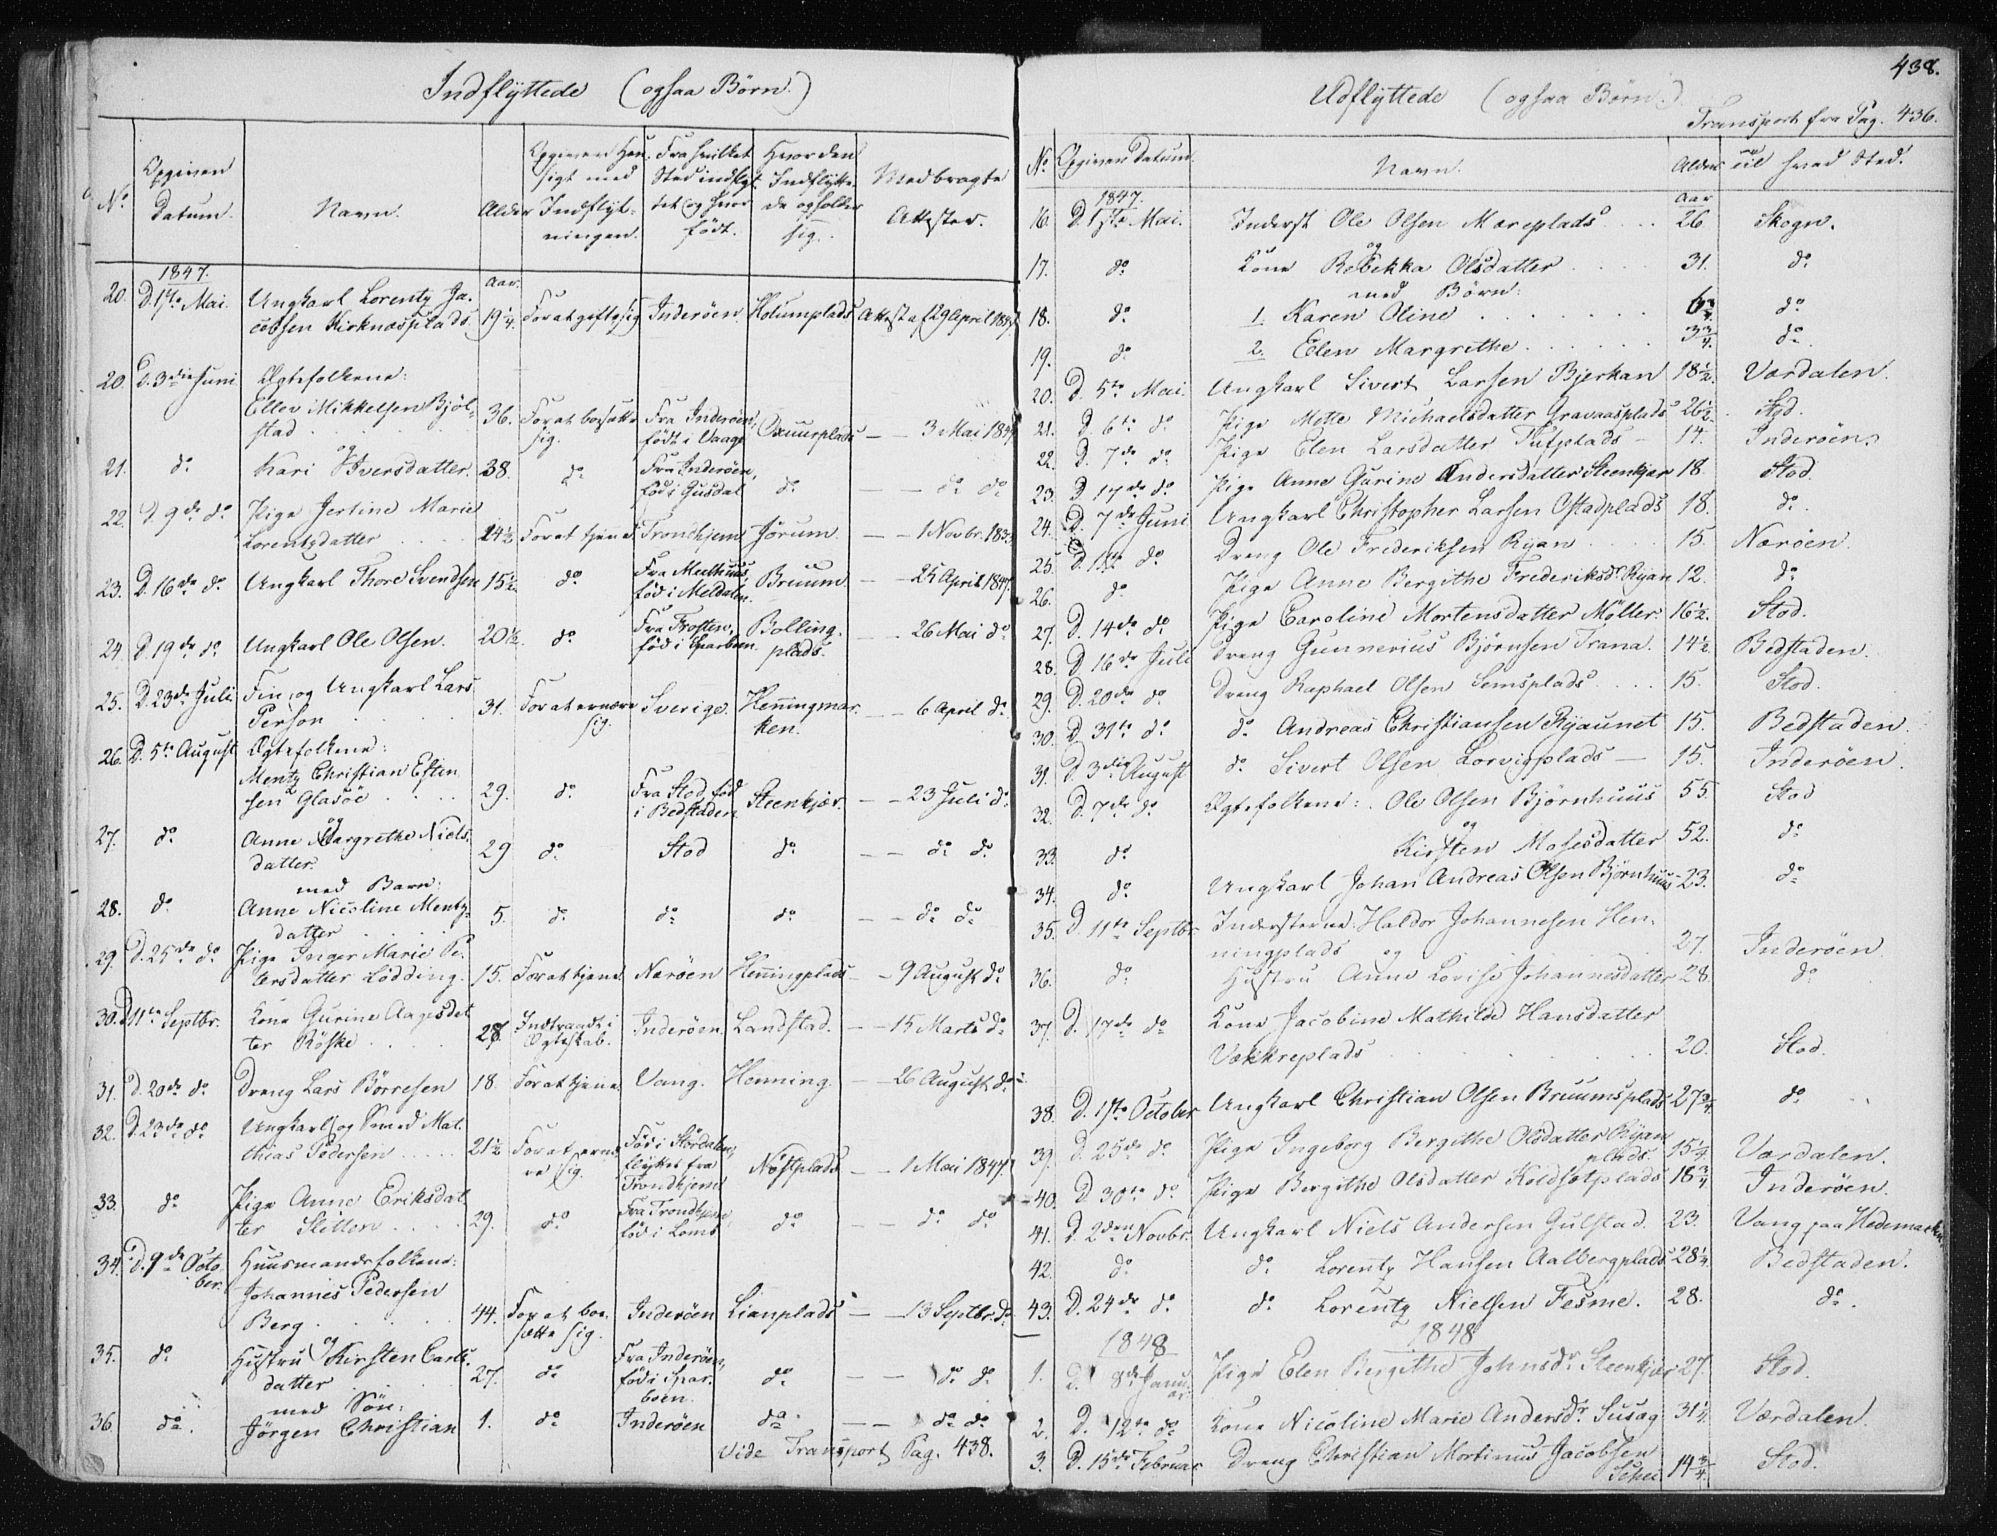 SAT, Ministerialprotokoller, klokkerbøker og fødselsregistre - Nord-Trøndelag, 735/L0339: Ministerialbok nr. 735A06 /1, 1836-1848, s. 438